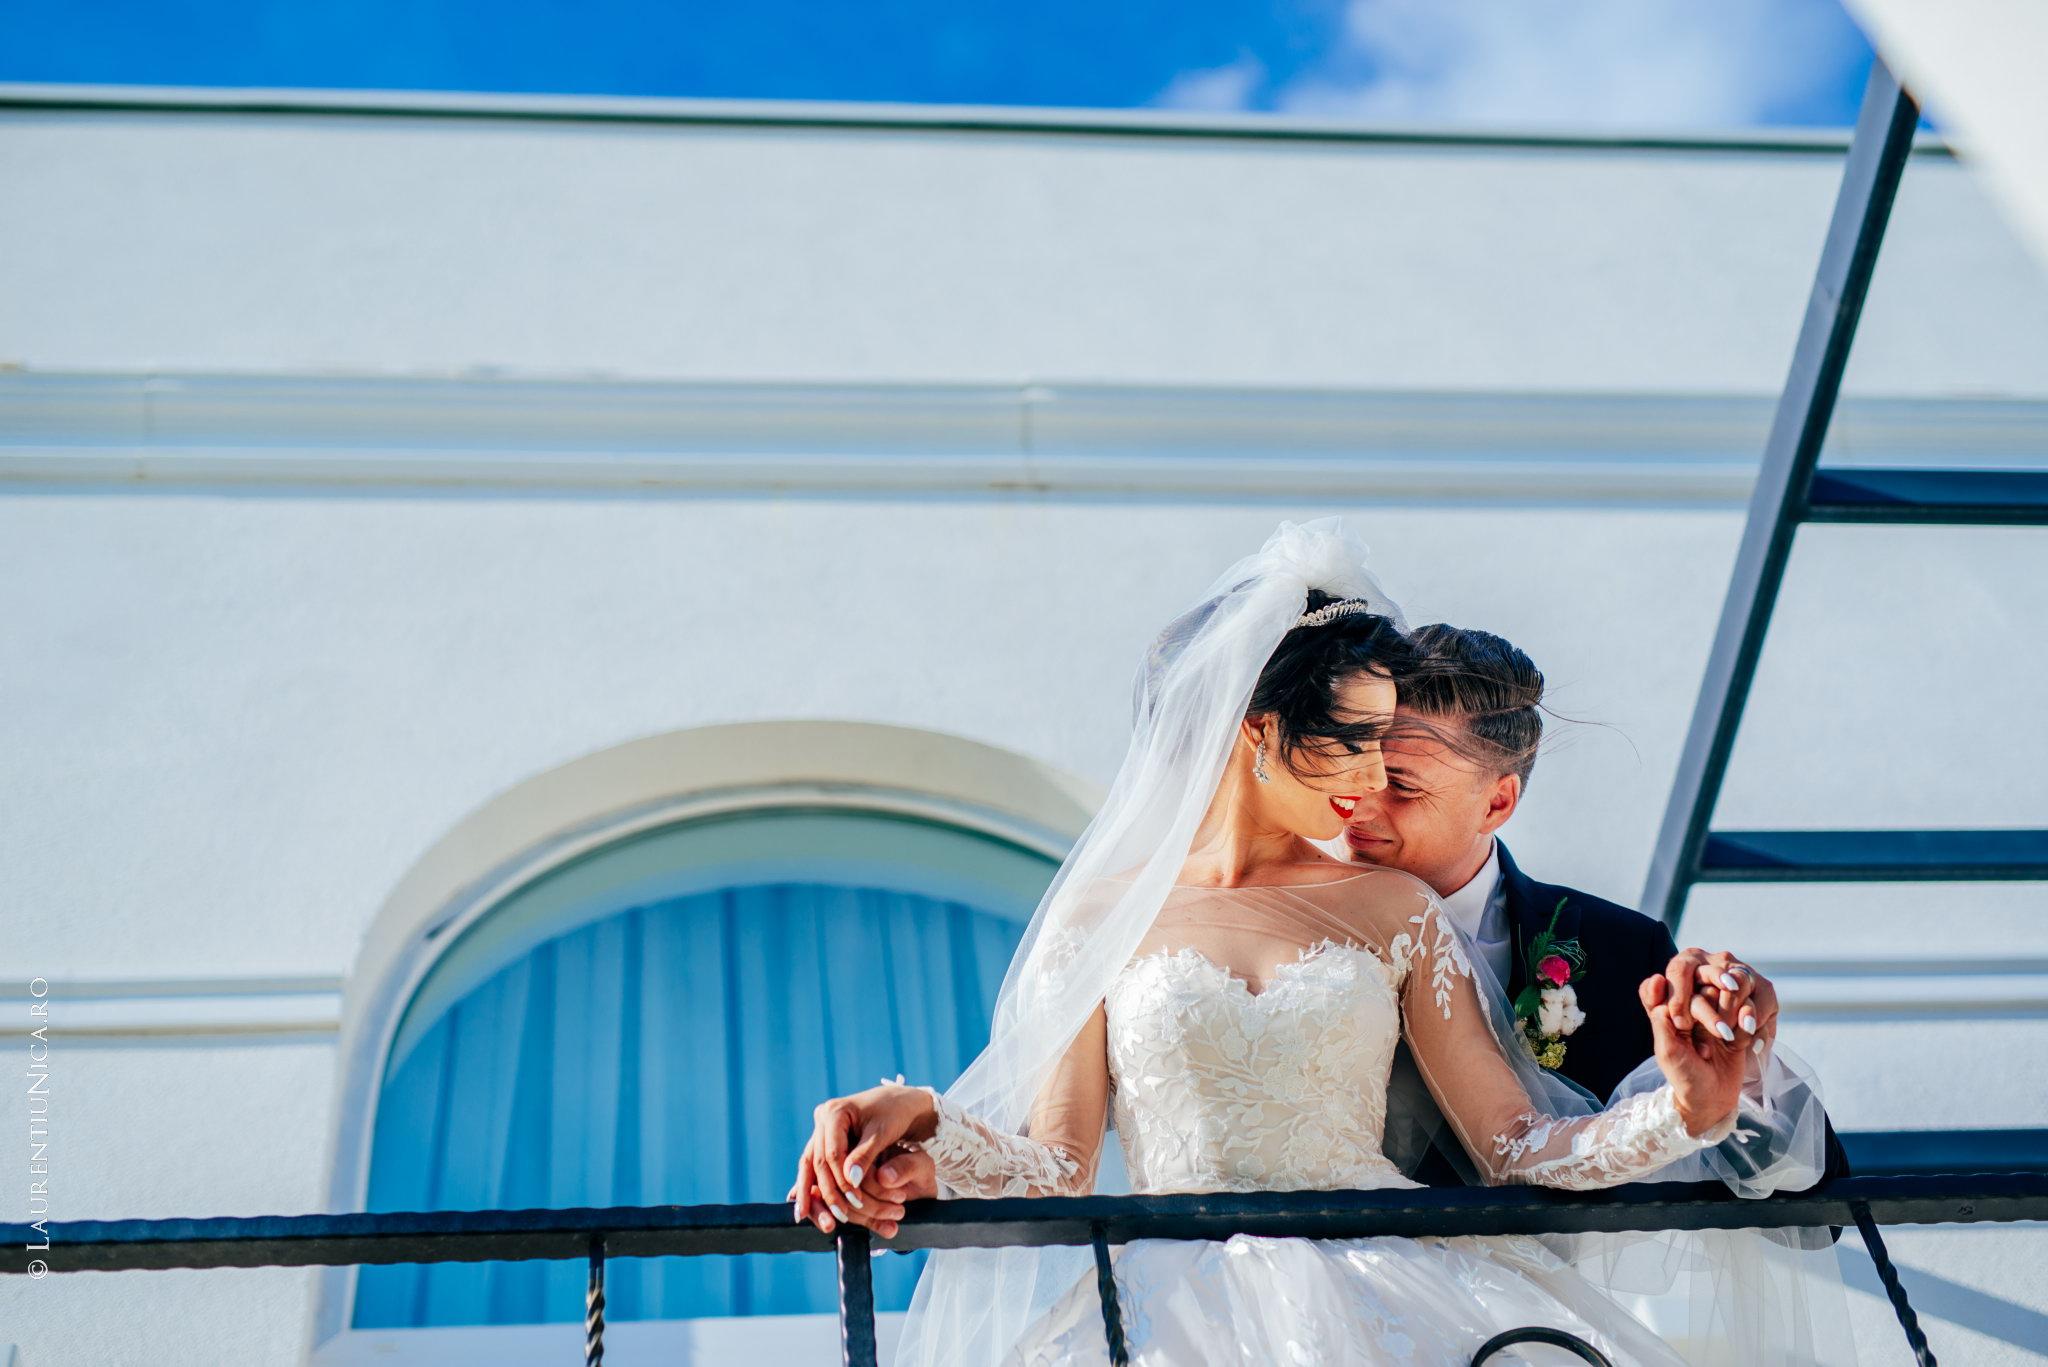 fotografii nunta denisa si florin craiova 34 - Denisa & Florin | Fotografii nunta | Craiova